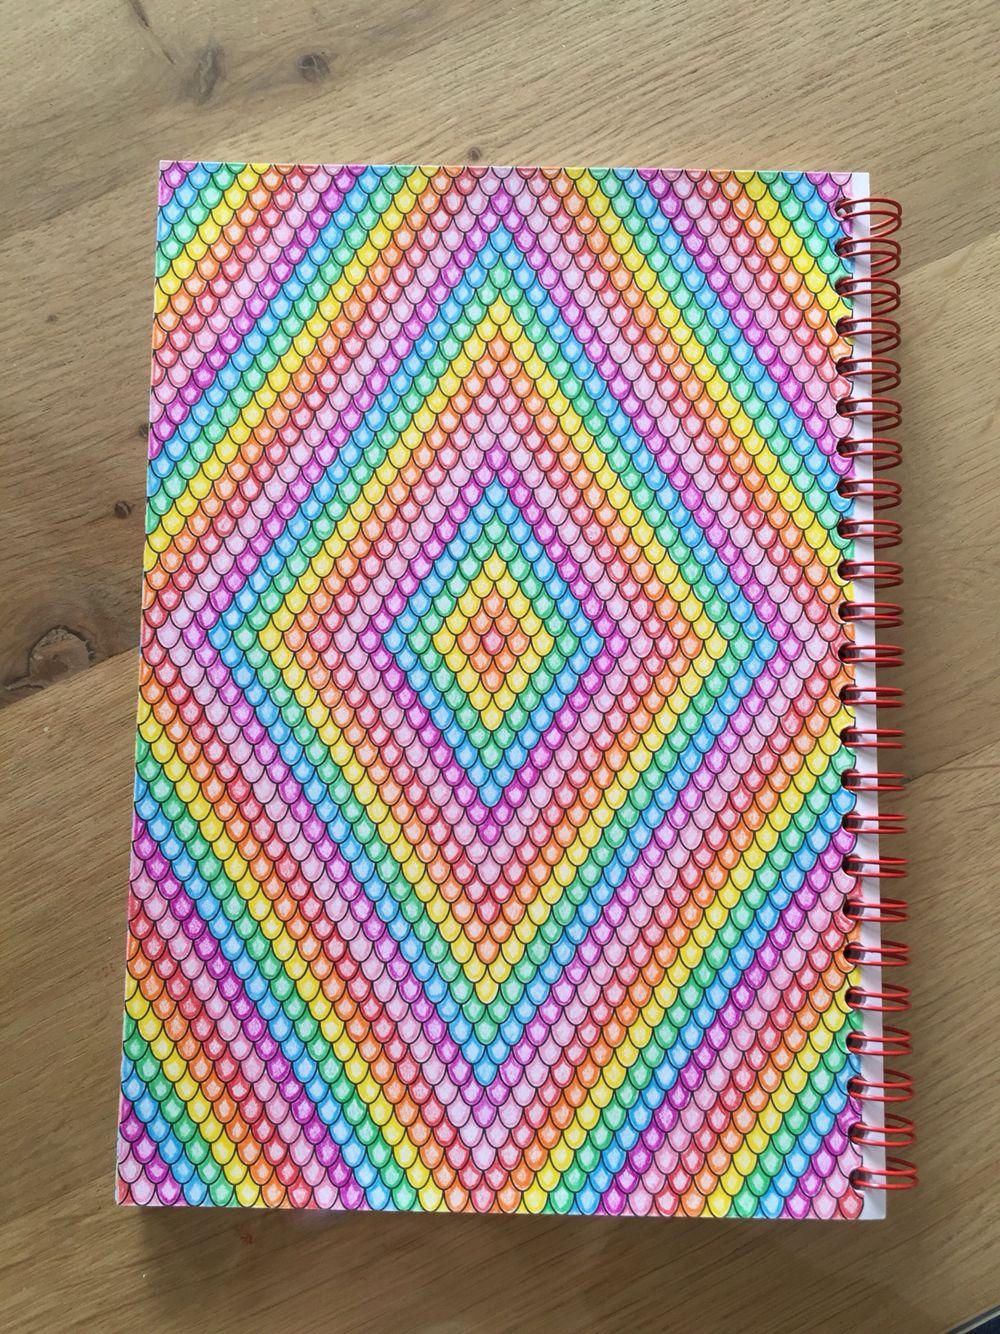 Kleurplaat uit 'kleurboek voor volwassenen op reis' - door Mariska